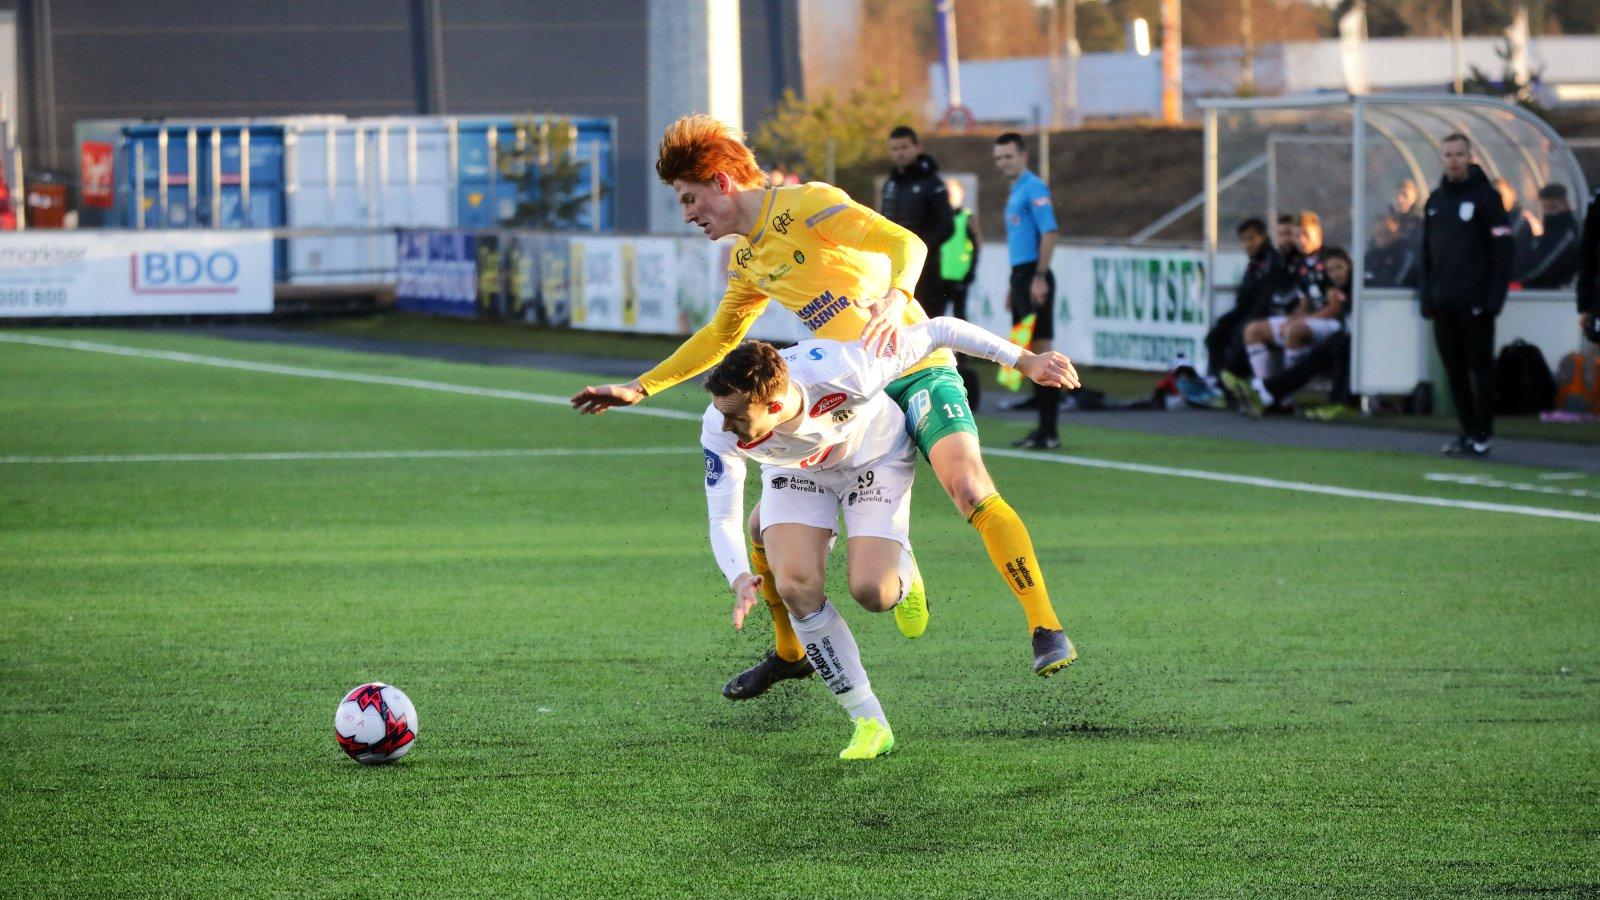 Martin Søreide fikk sine første minutter i OBOS-ligaen for Ull/Kisa noen gang mot Sogndal. Unggutten har spilt i klubben siden han var 12 år gammel, og spilte de siste 22 minuttene i sesongens første hjemmekamp.